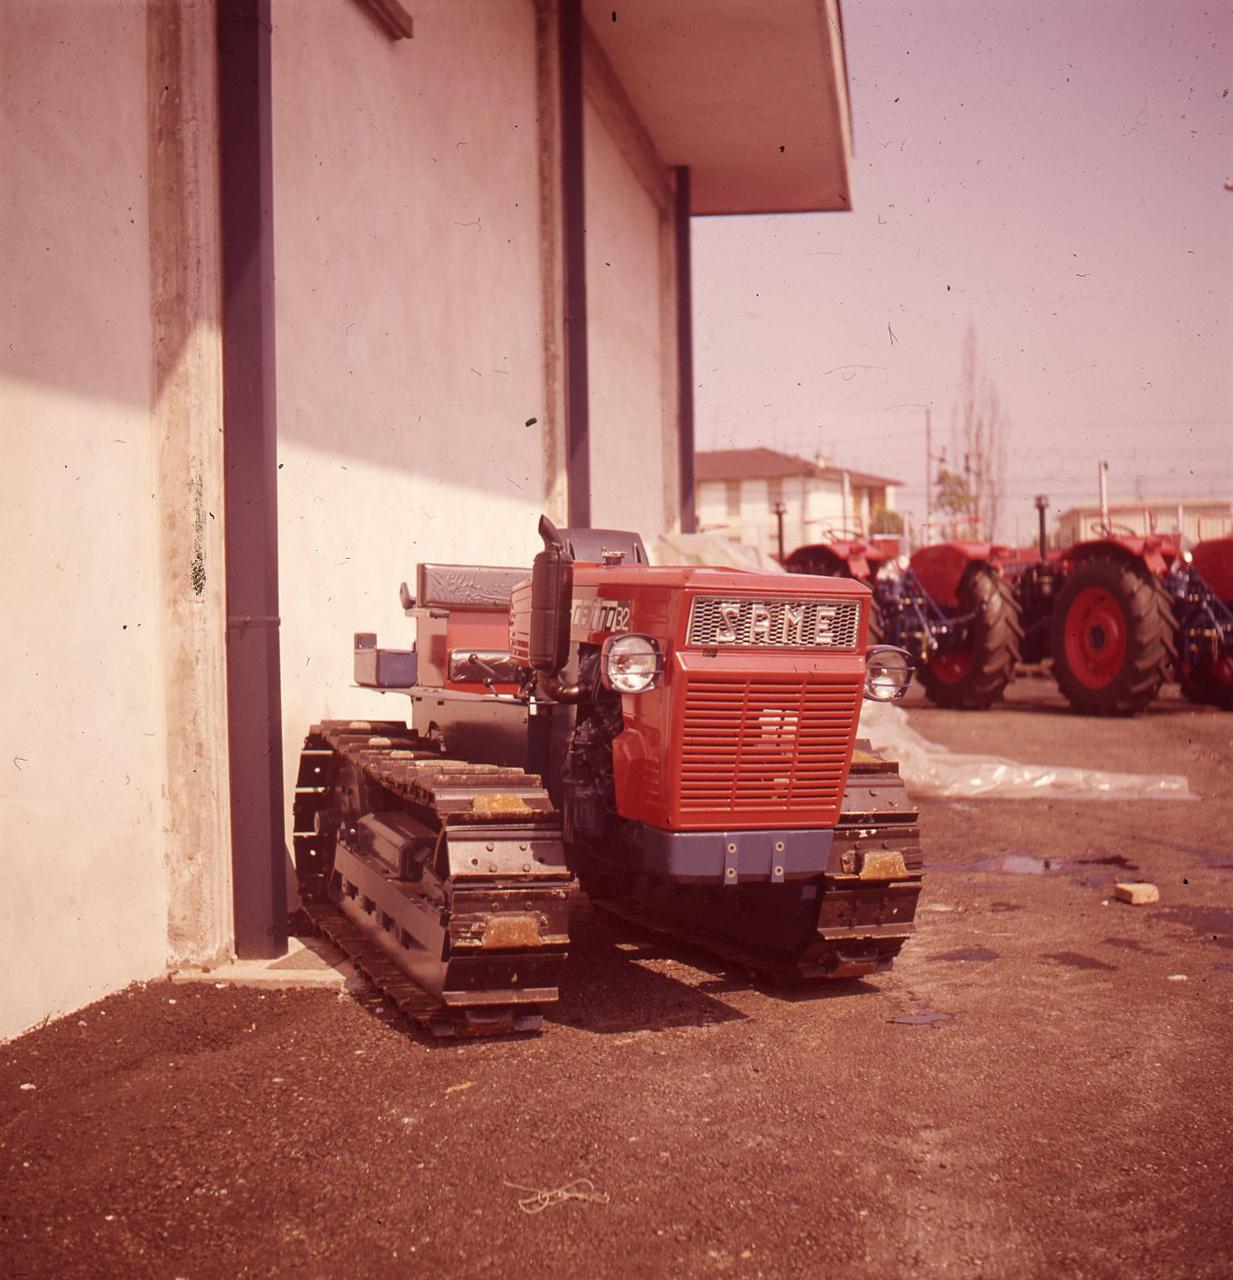 [SAME] [prototipo di] trattore Delfino cingolato - sett. 1971